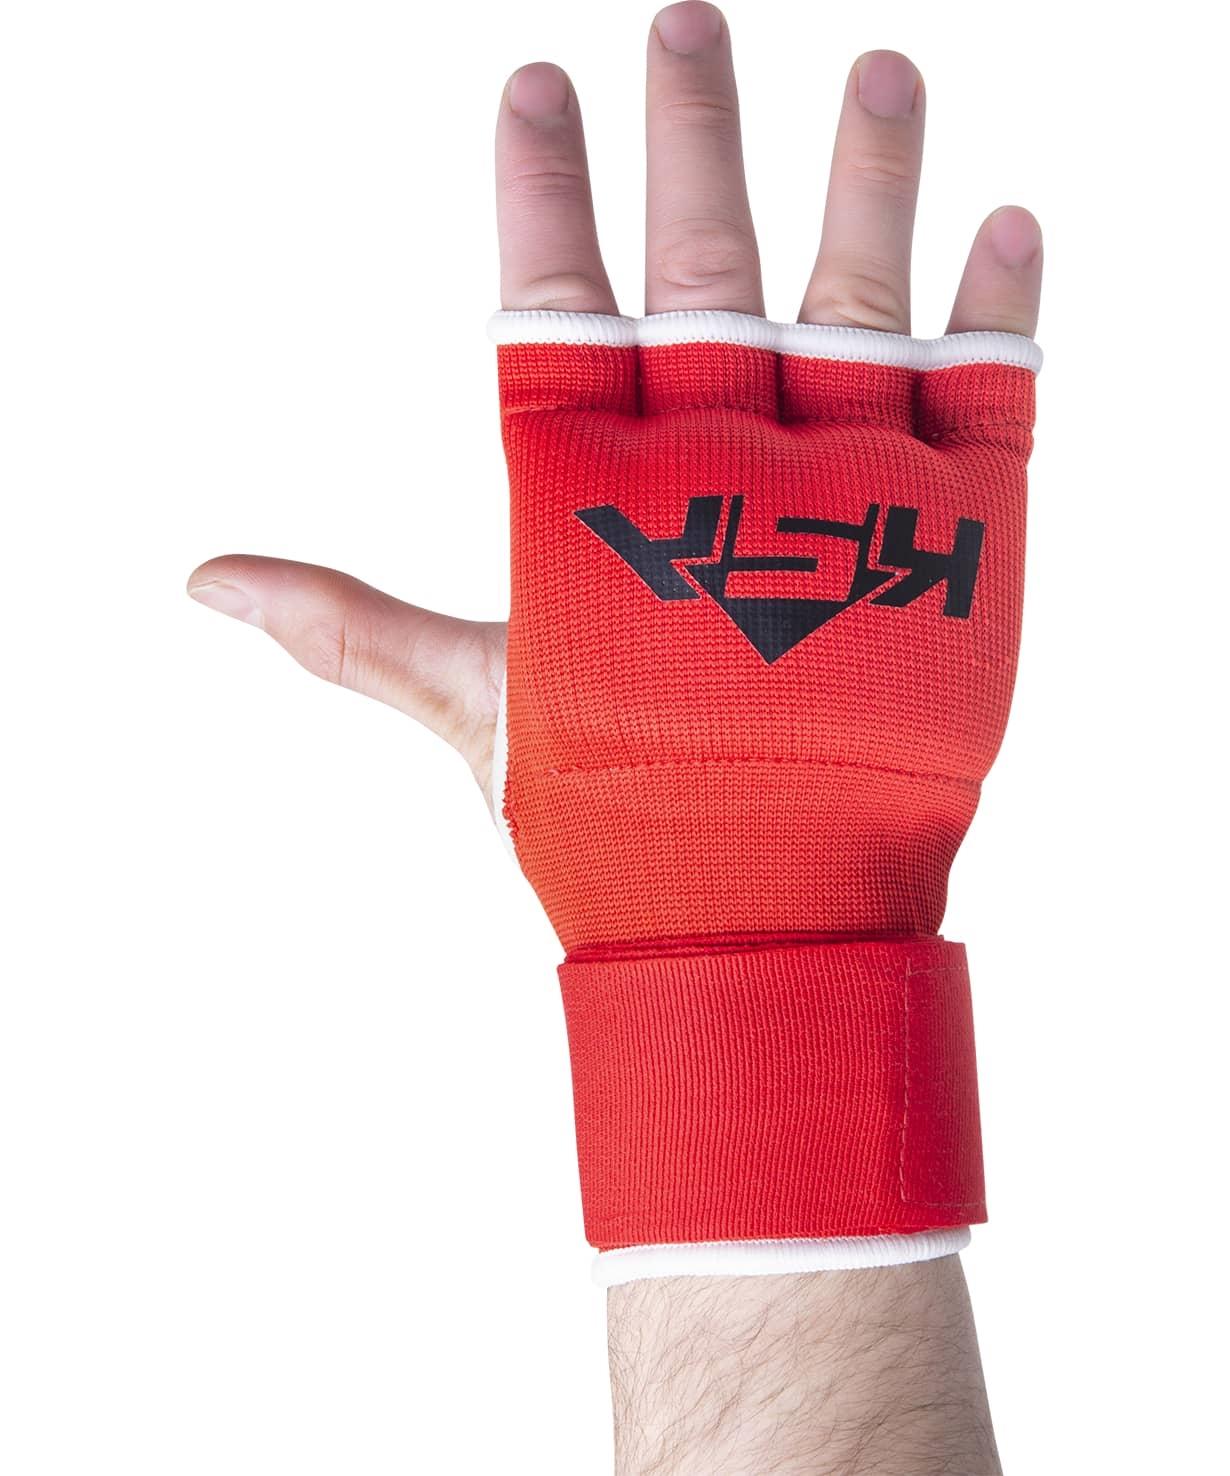 Внутренние перчатки для бокса Cobra Red, S